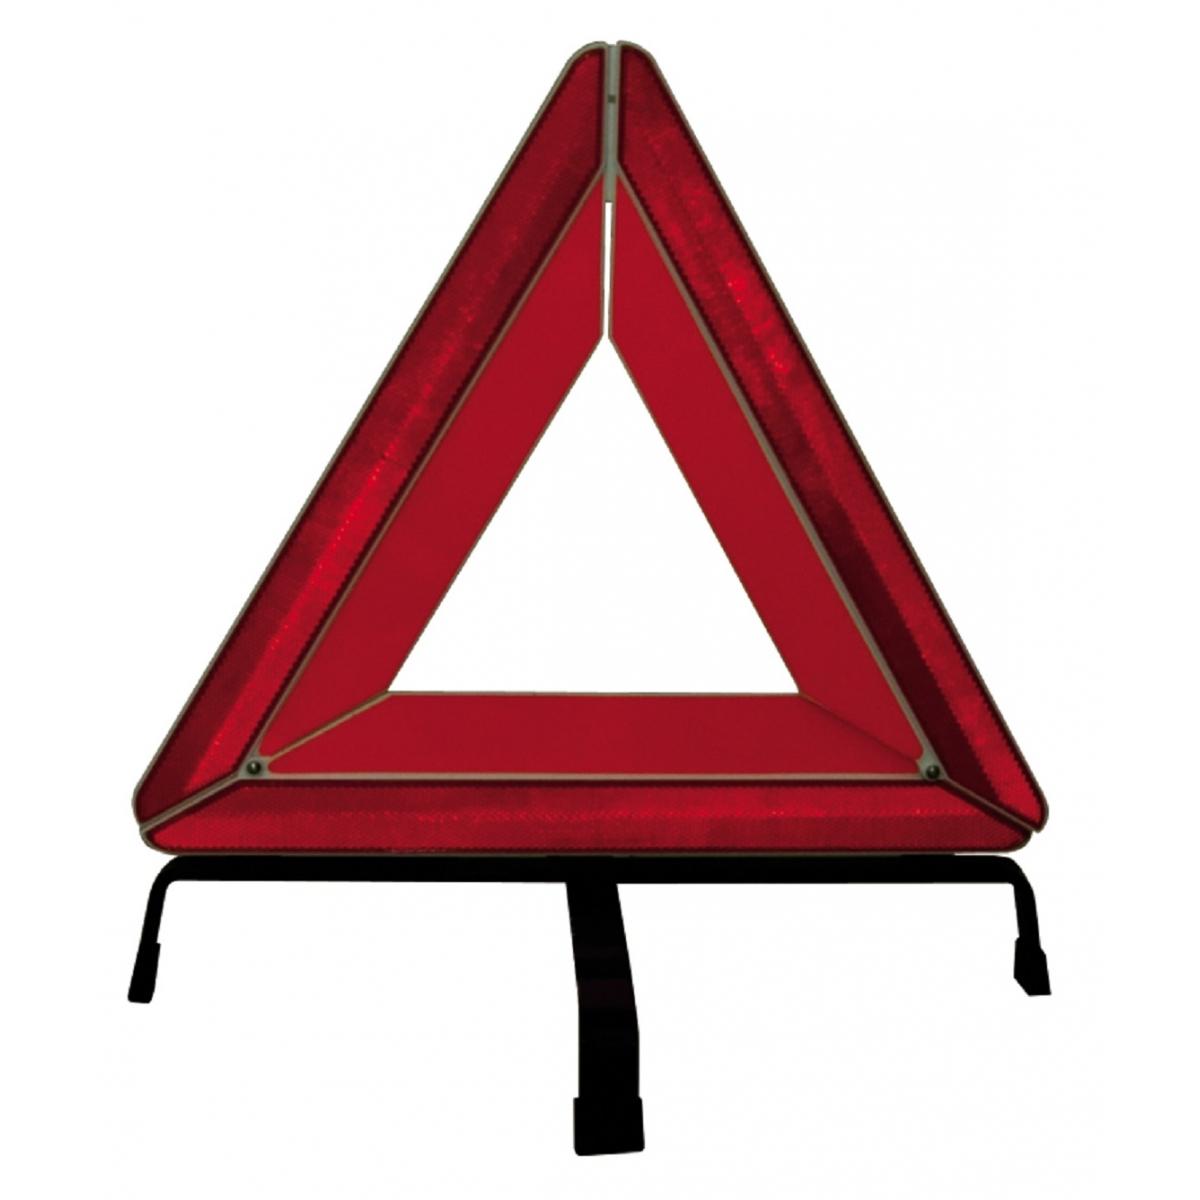 Αντανακλαστικό Τρίγωνο Αυτοκινήτου με Βάση Μεταλλική